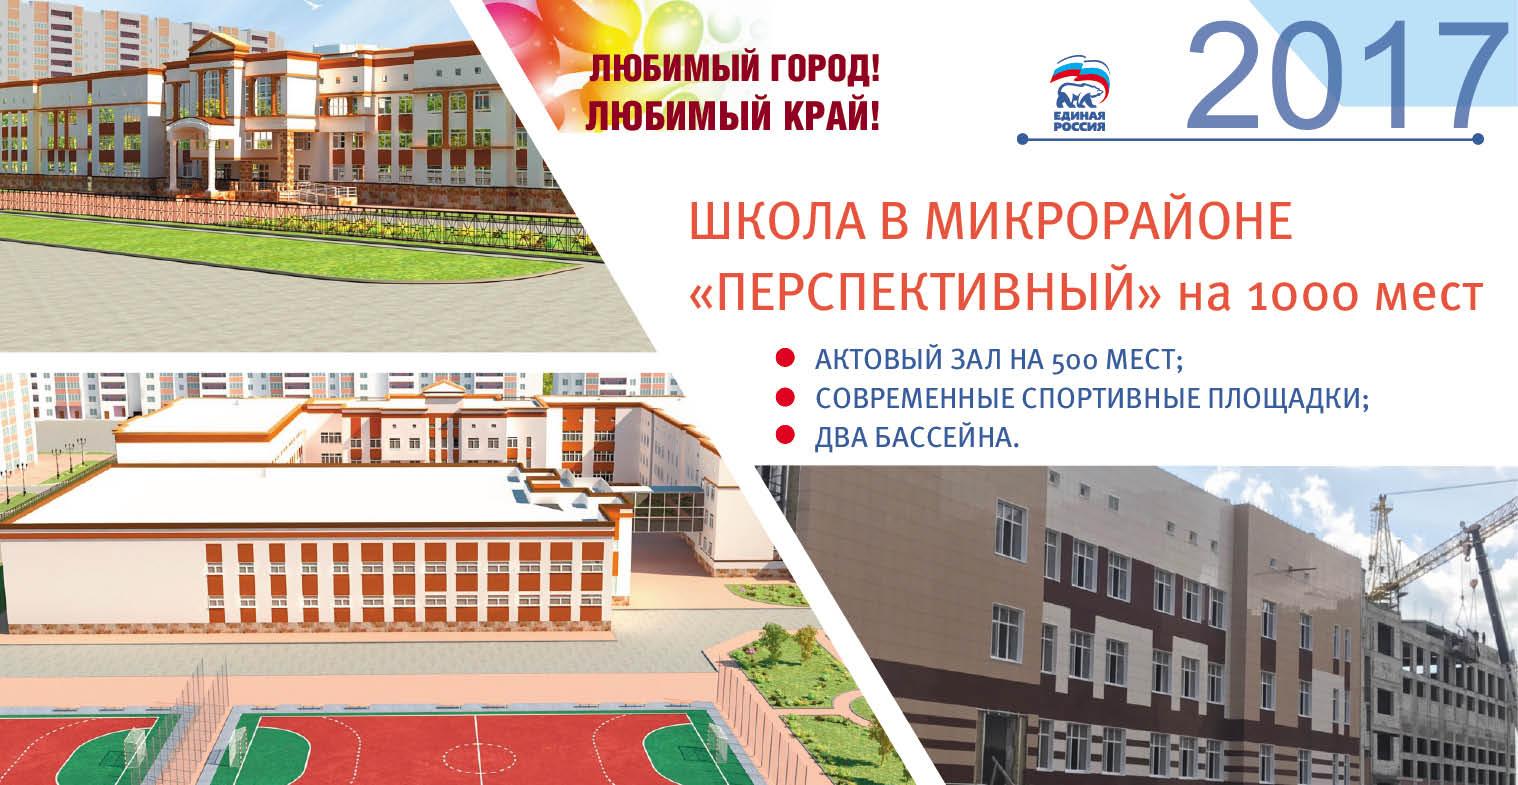 b49190c0cc73 Ставрополь-240  Юбилей любимого города!